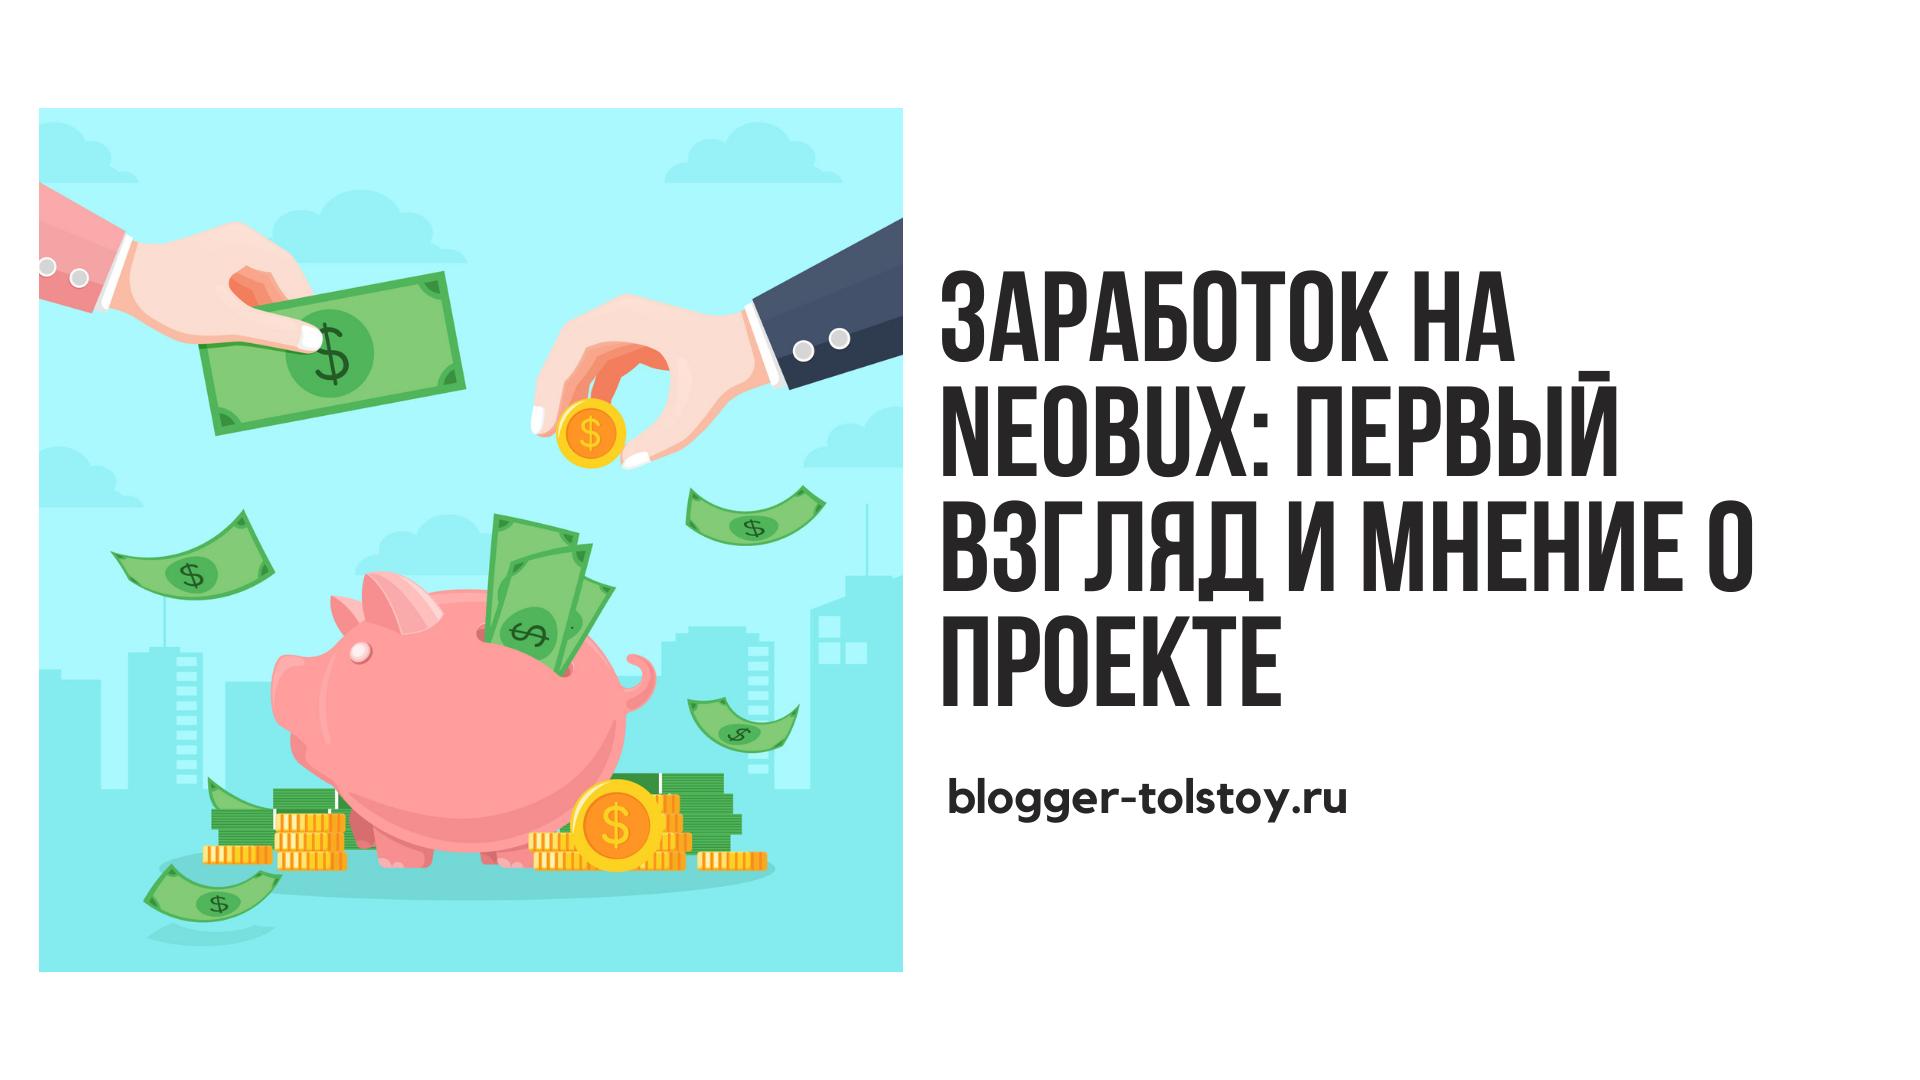 Превью статьи заработок на neobux